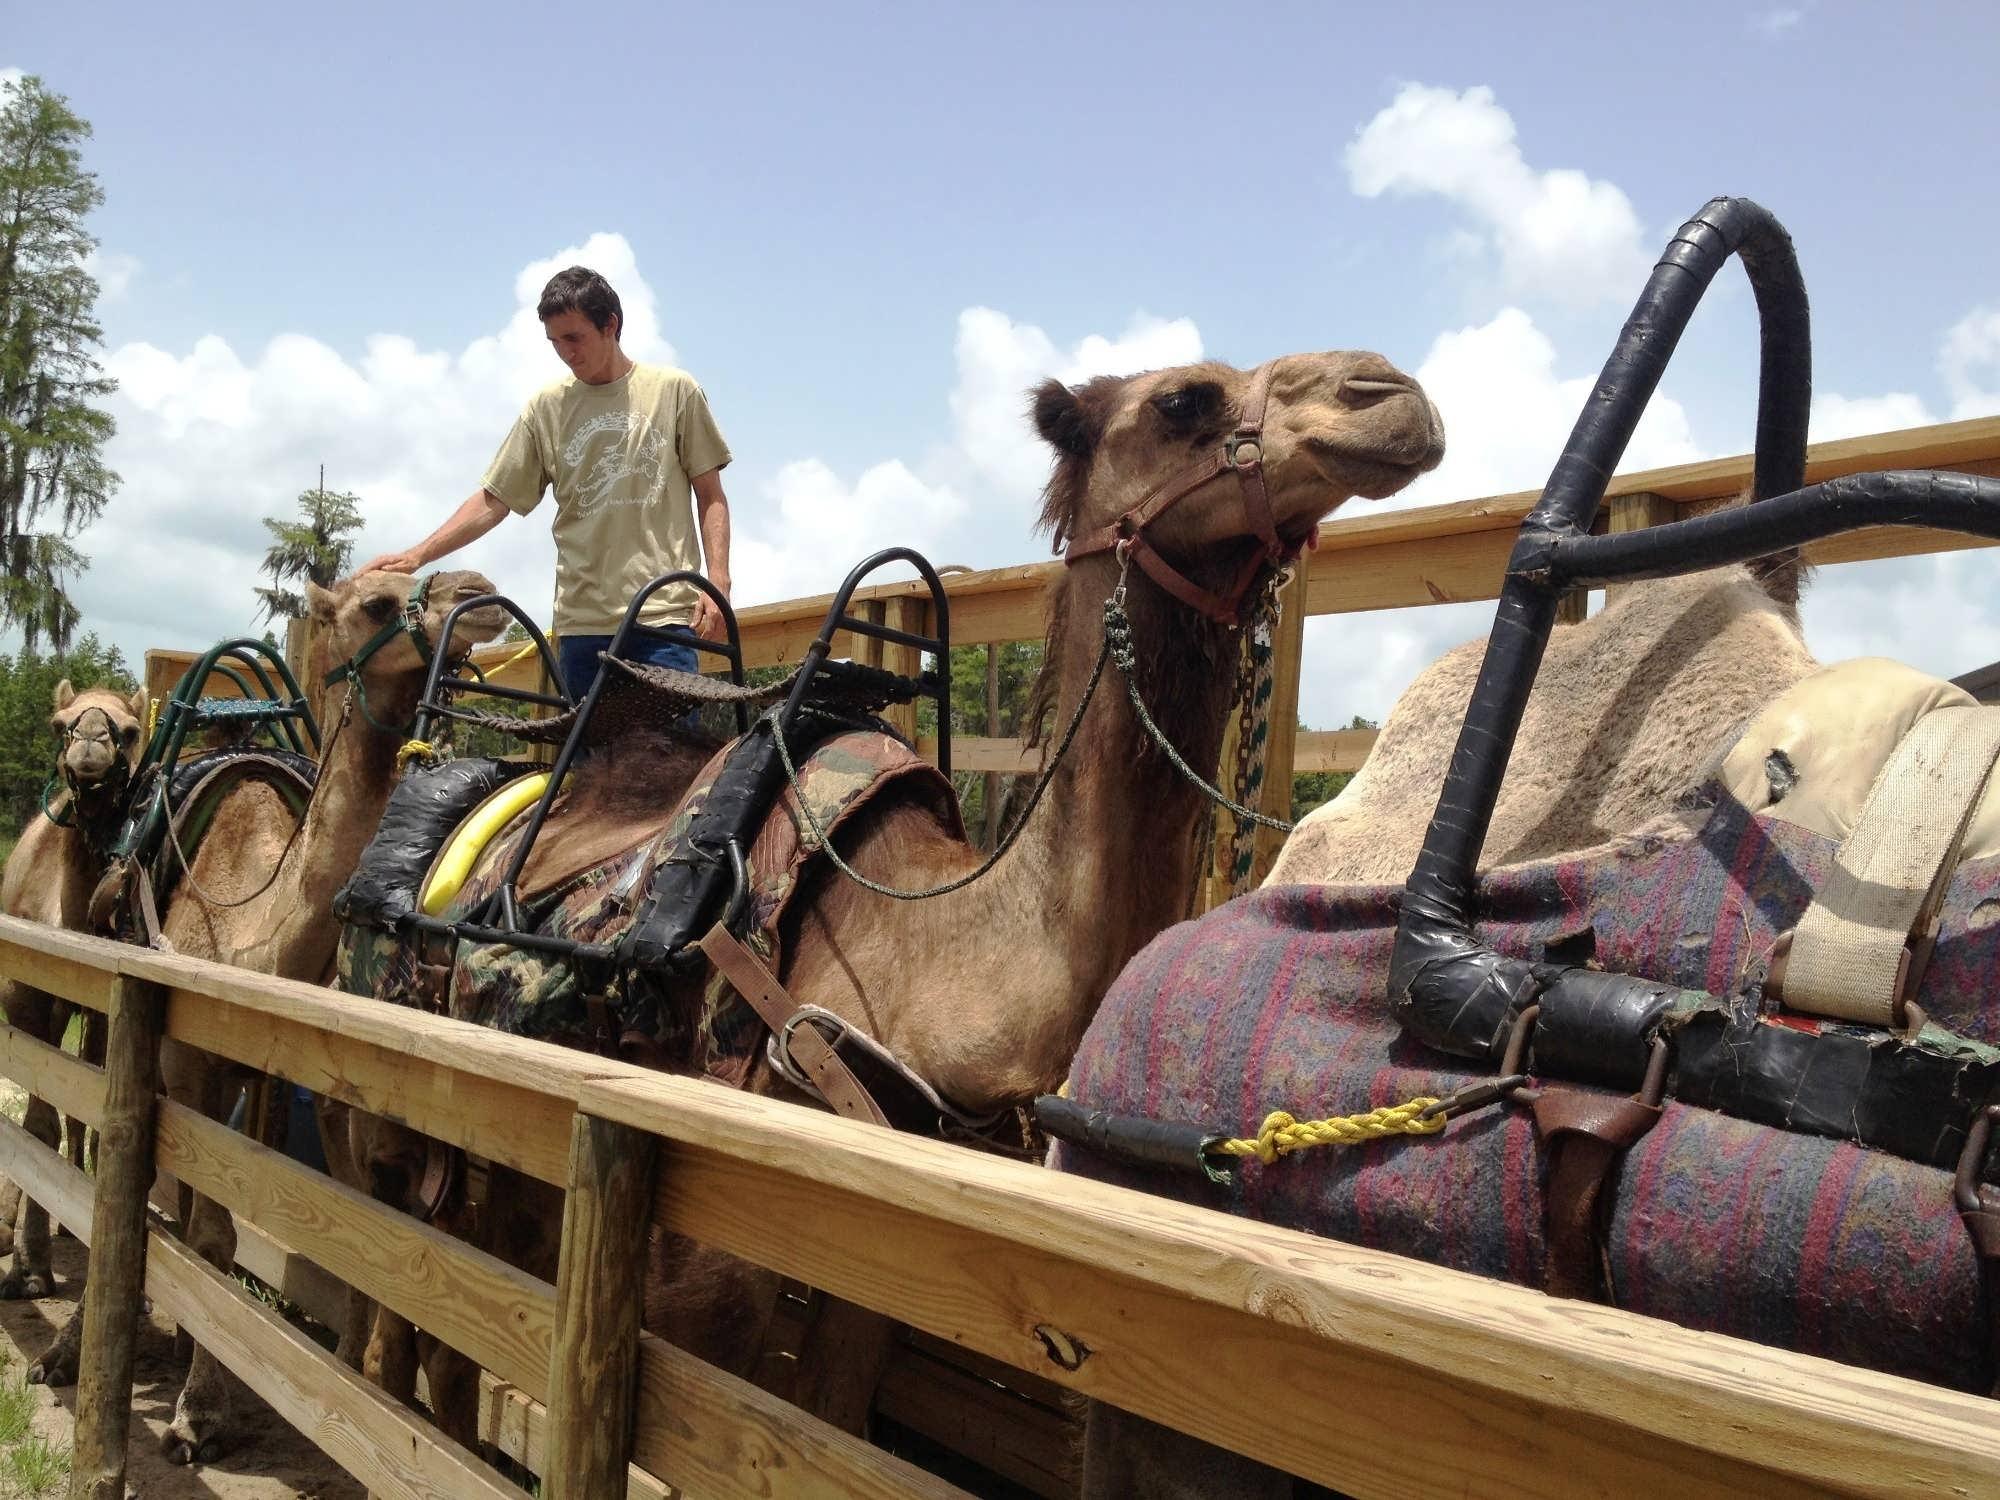 Safari Wilderness Ranch: Fun animal encounters off the beaten path ...